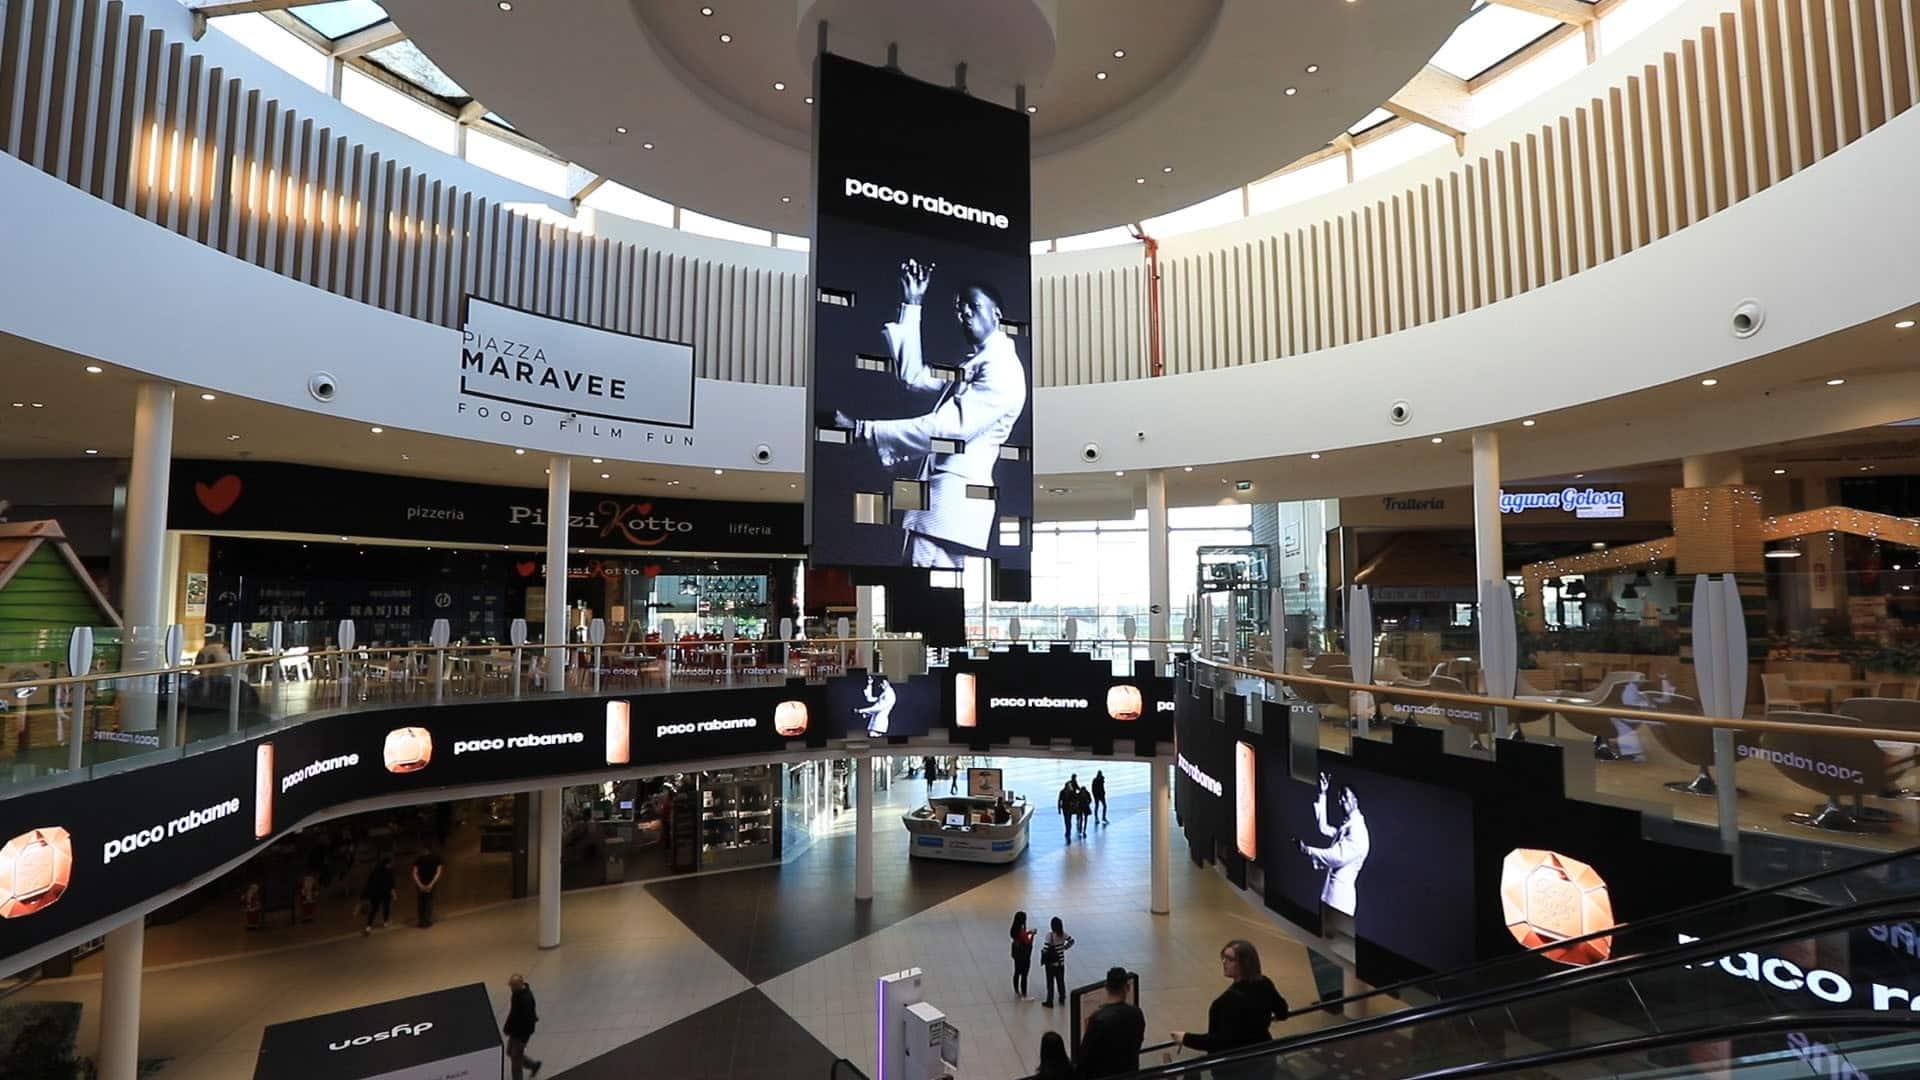 Campagna Pubblicitaria Paco Rabanne- Centro Commerciale Tiare Shopping